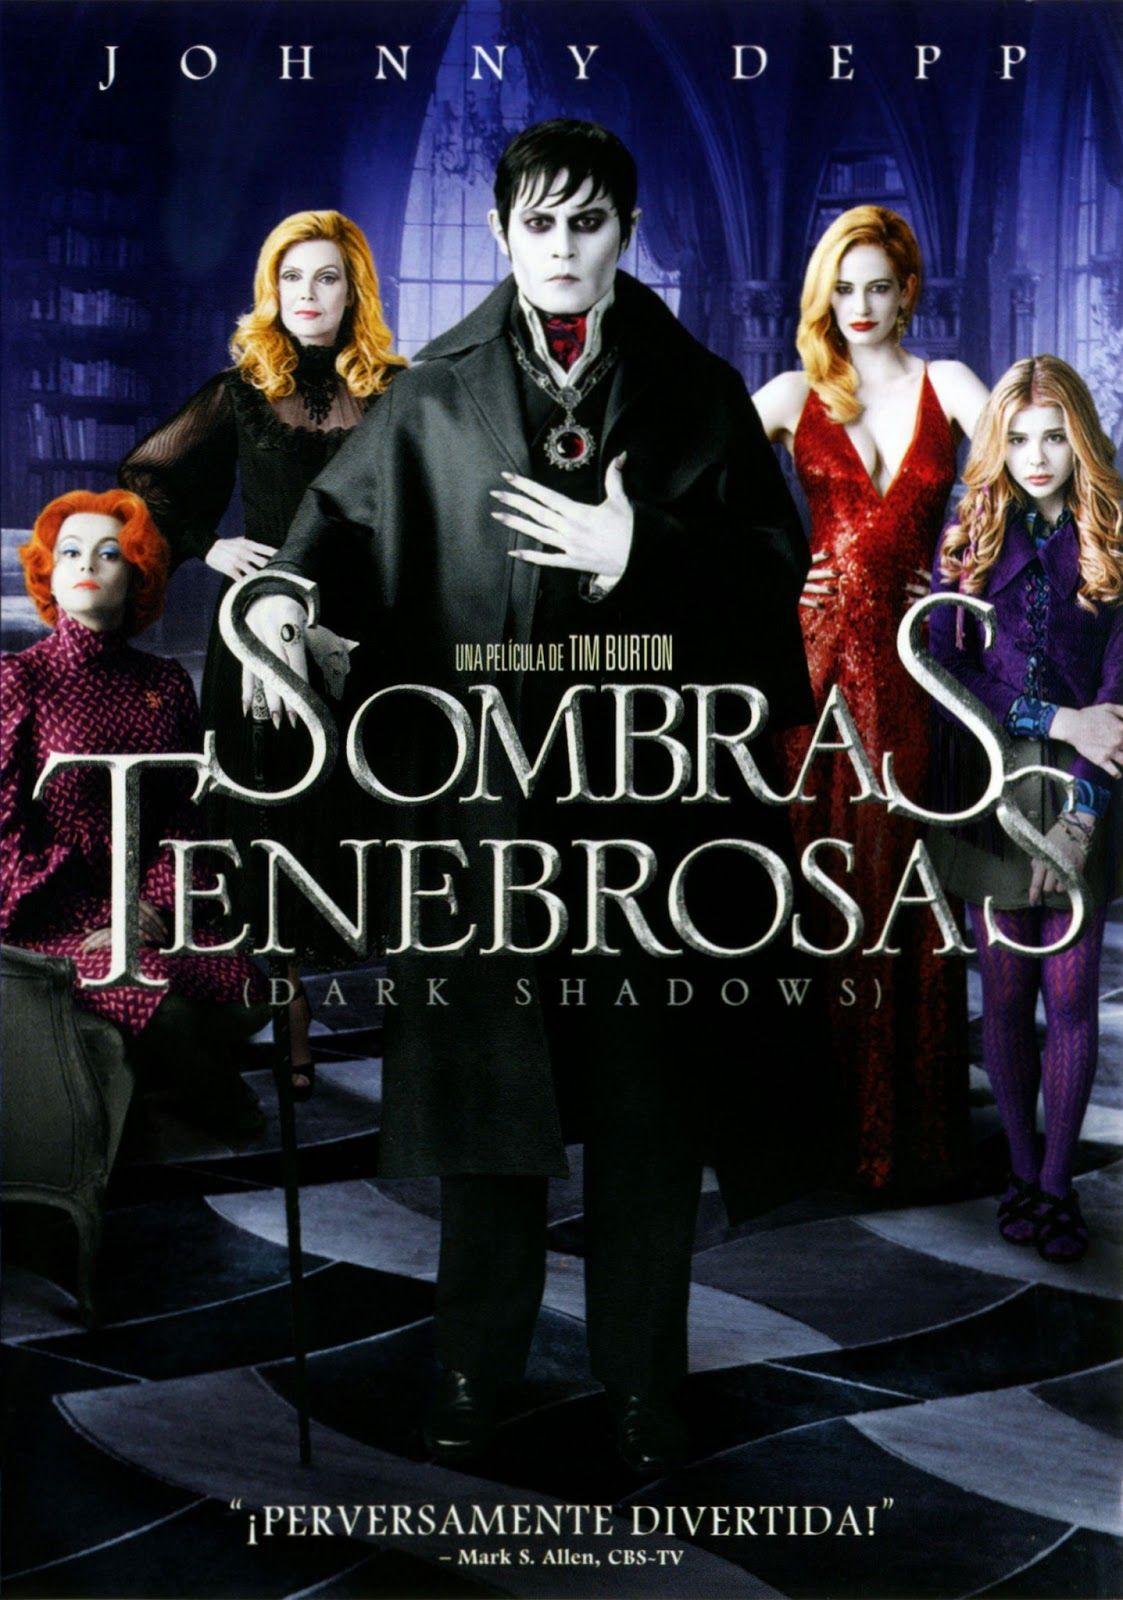 Sombras Tenebrosas Pelicula Sombras Tenebrosas Peliculas De Johnny Depp Cine